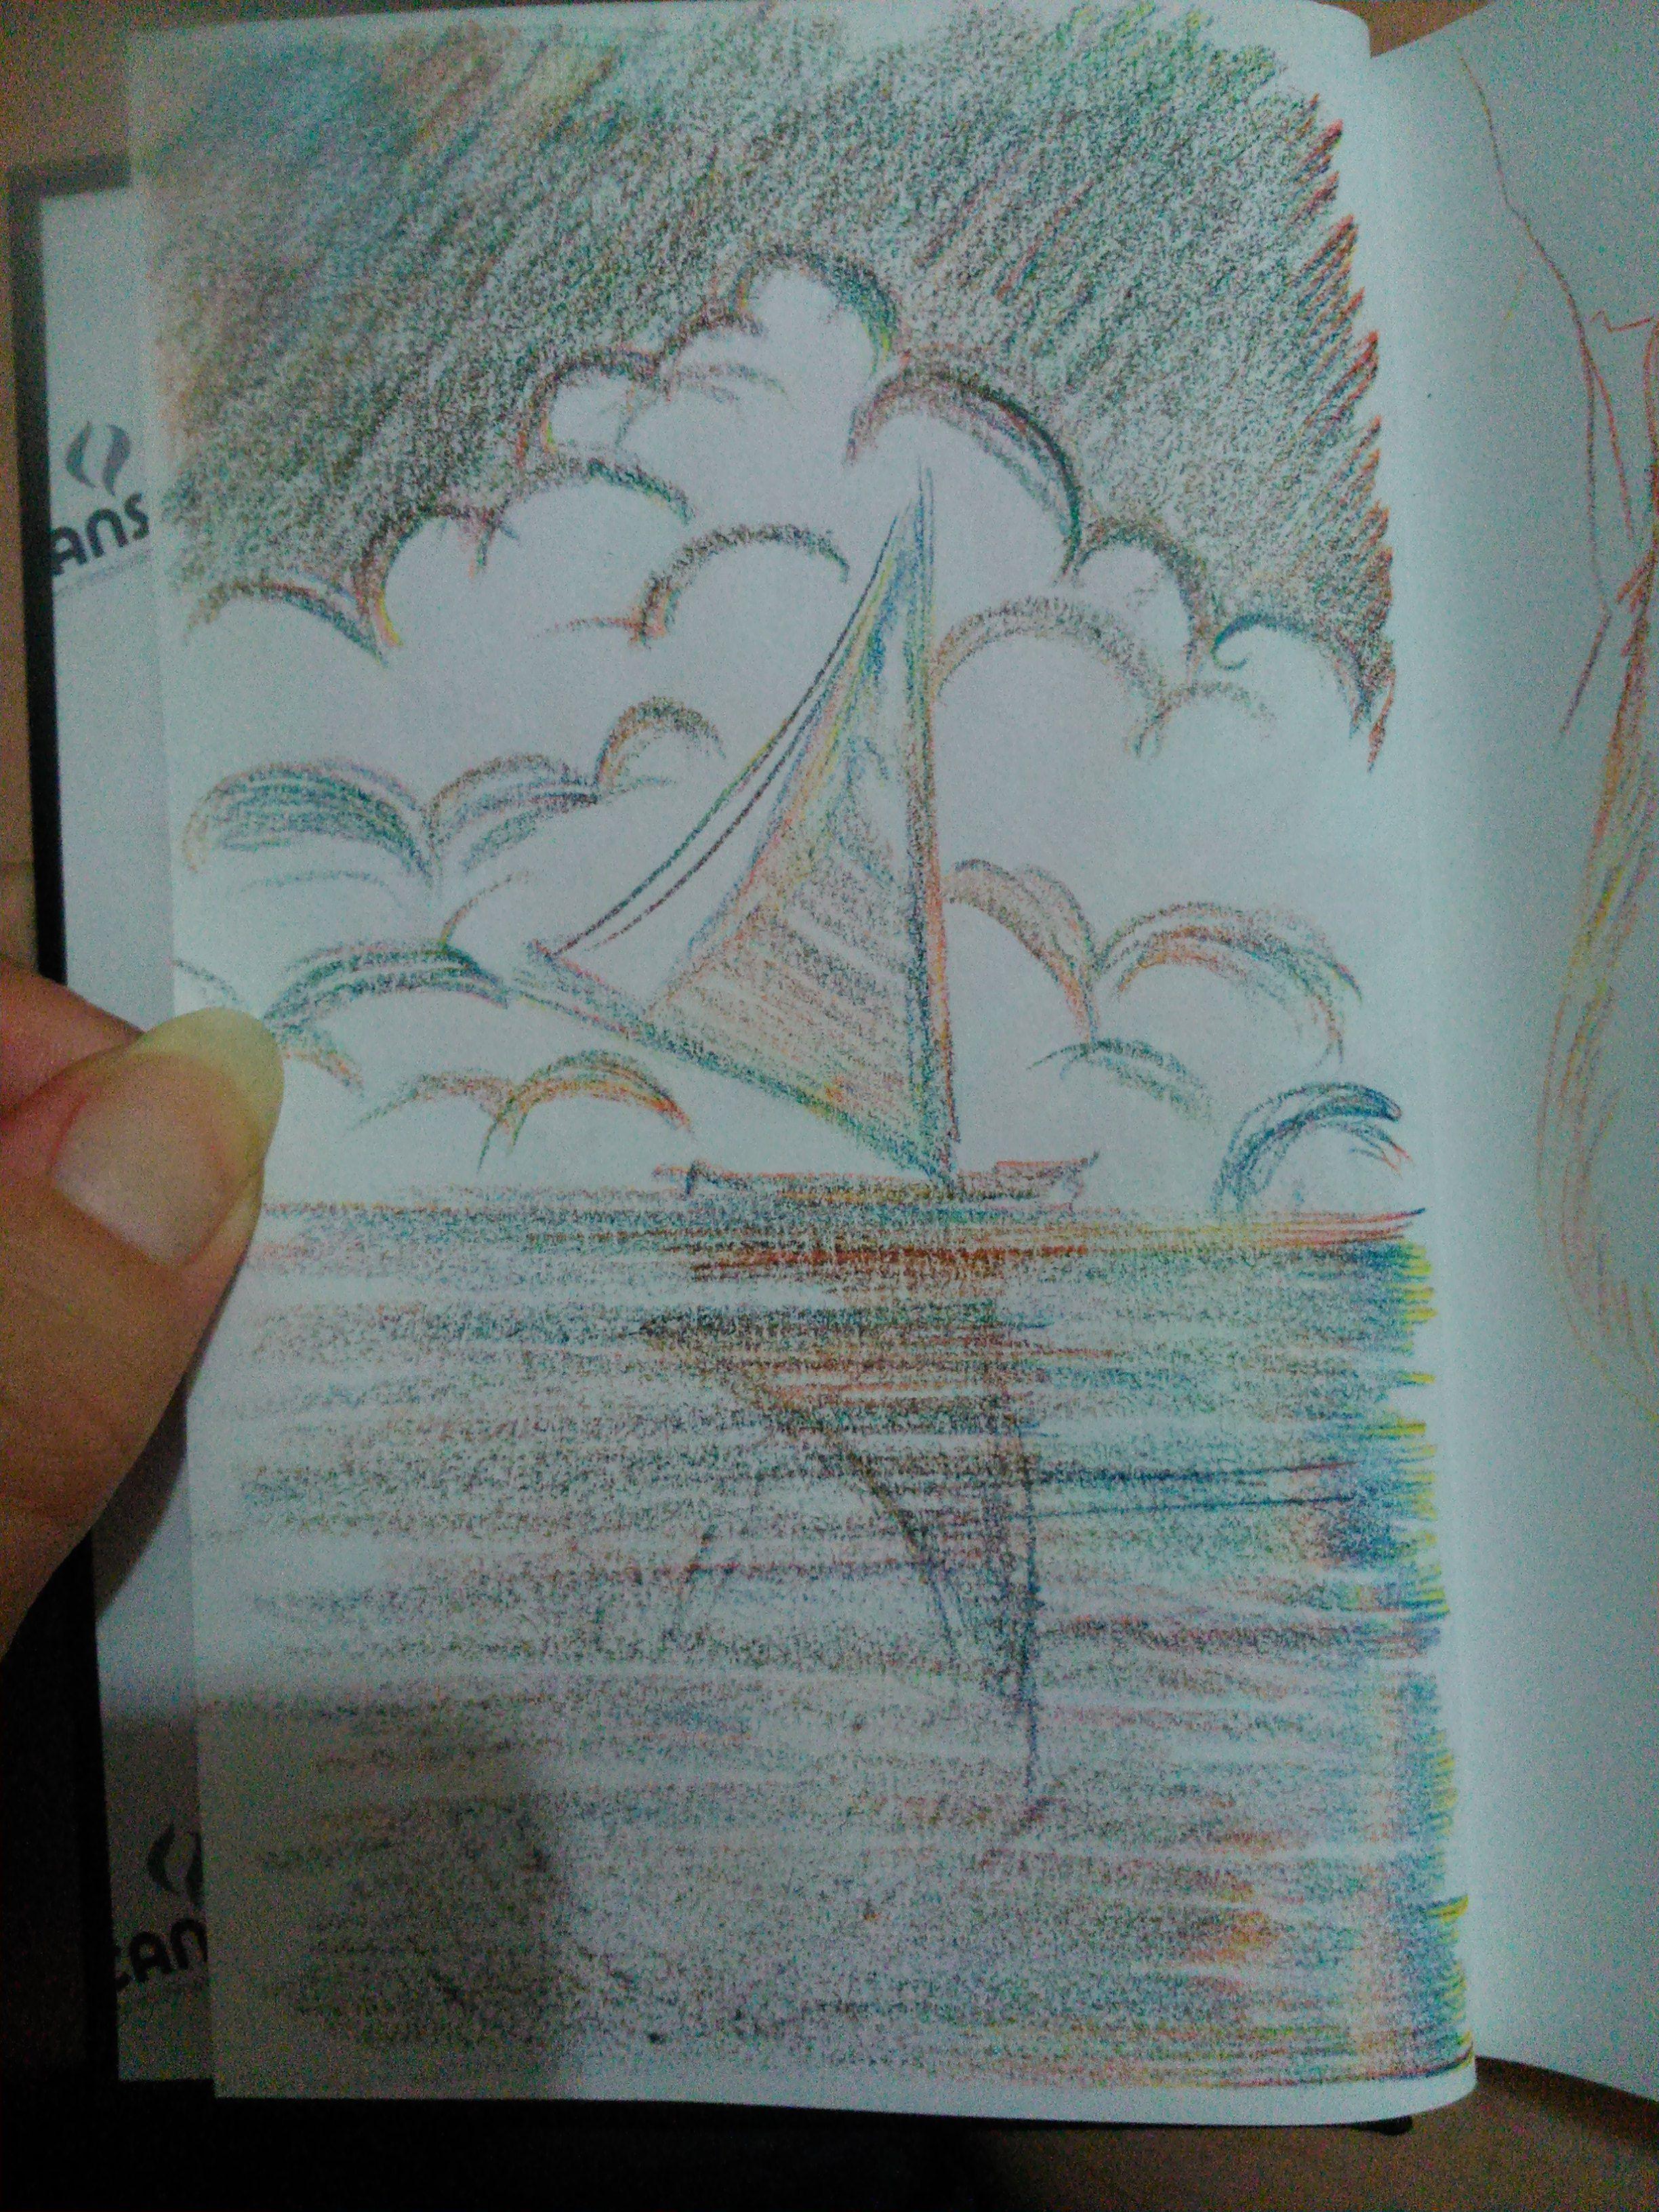 Teste rápido feito com o lápis de cor multicolorido da Koh-I-Noor.